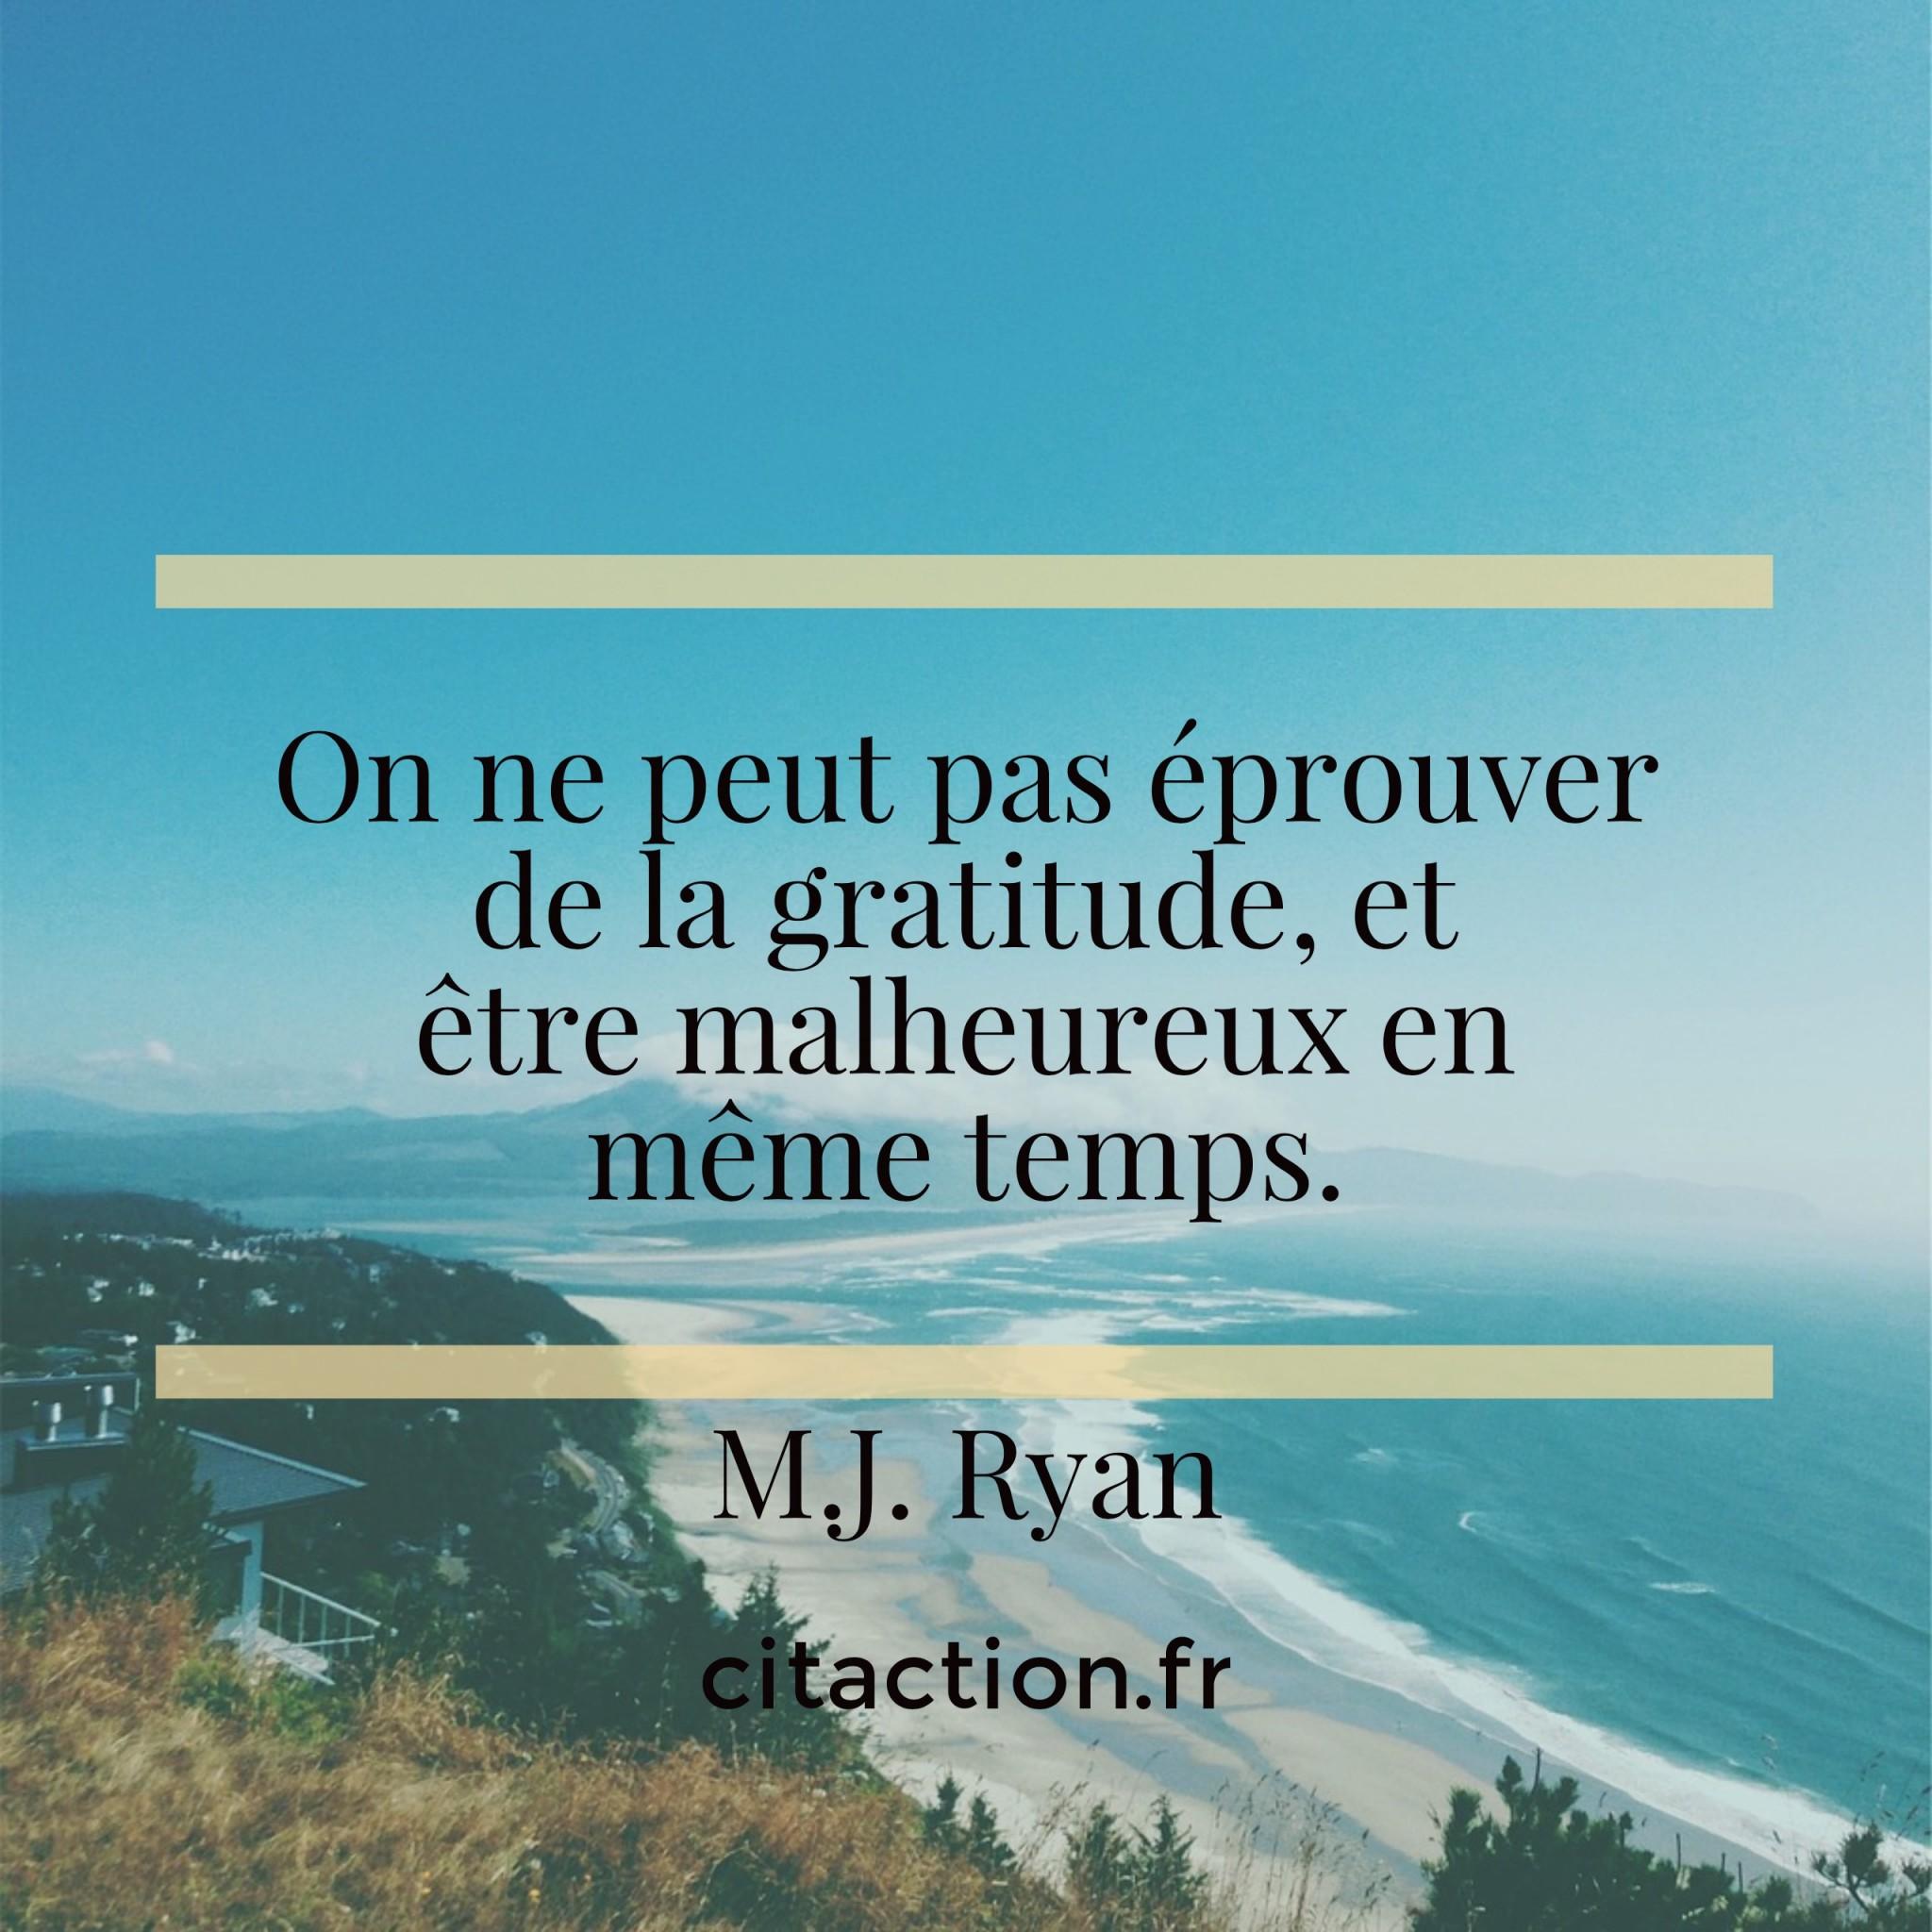 On ne peut pas éprouver de la gratitude, et être malheureux en même temps.